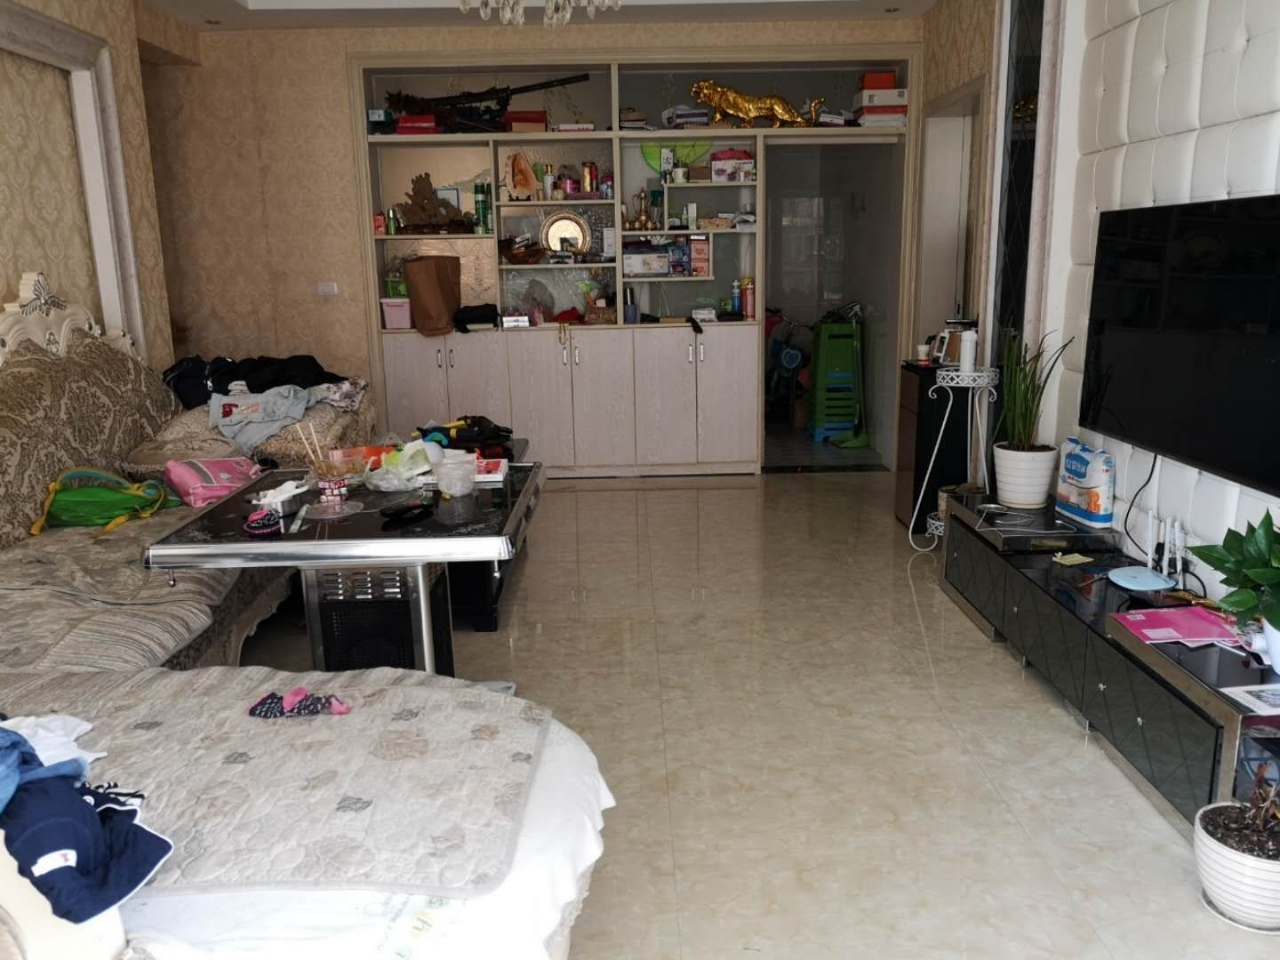 林泉辰龙花园4室 1厅 2卫59.8万元